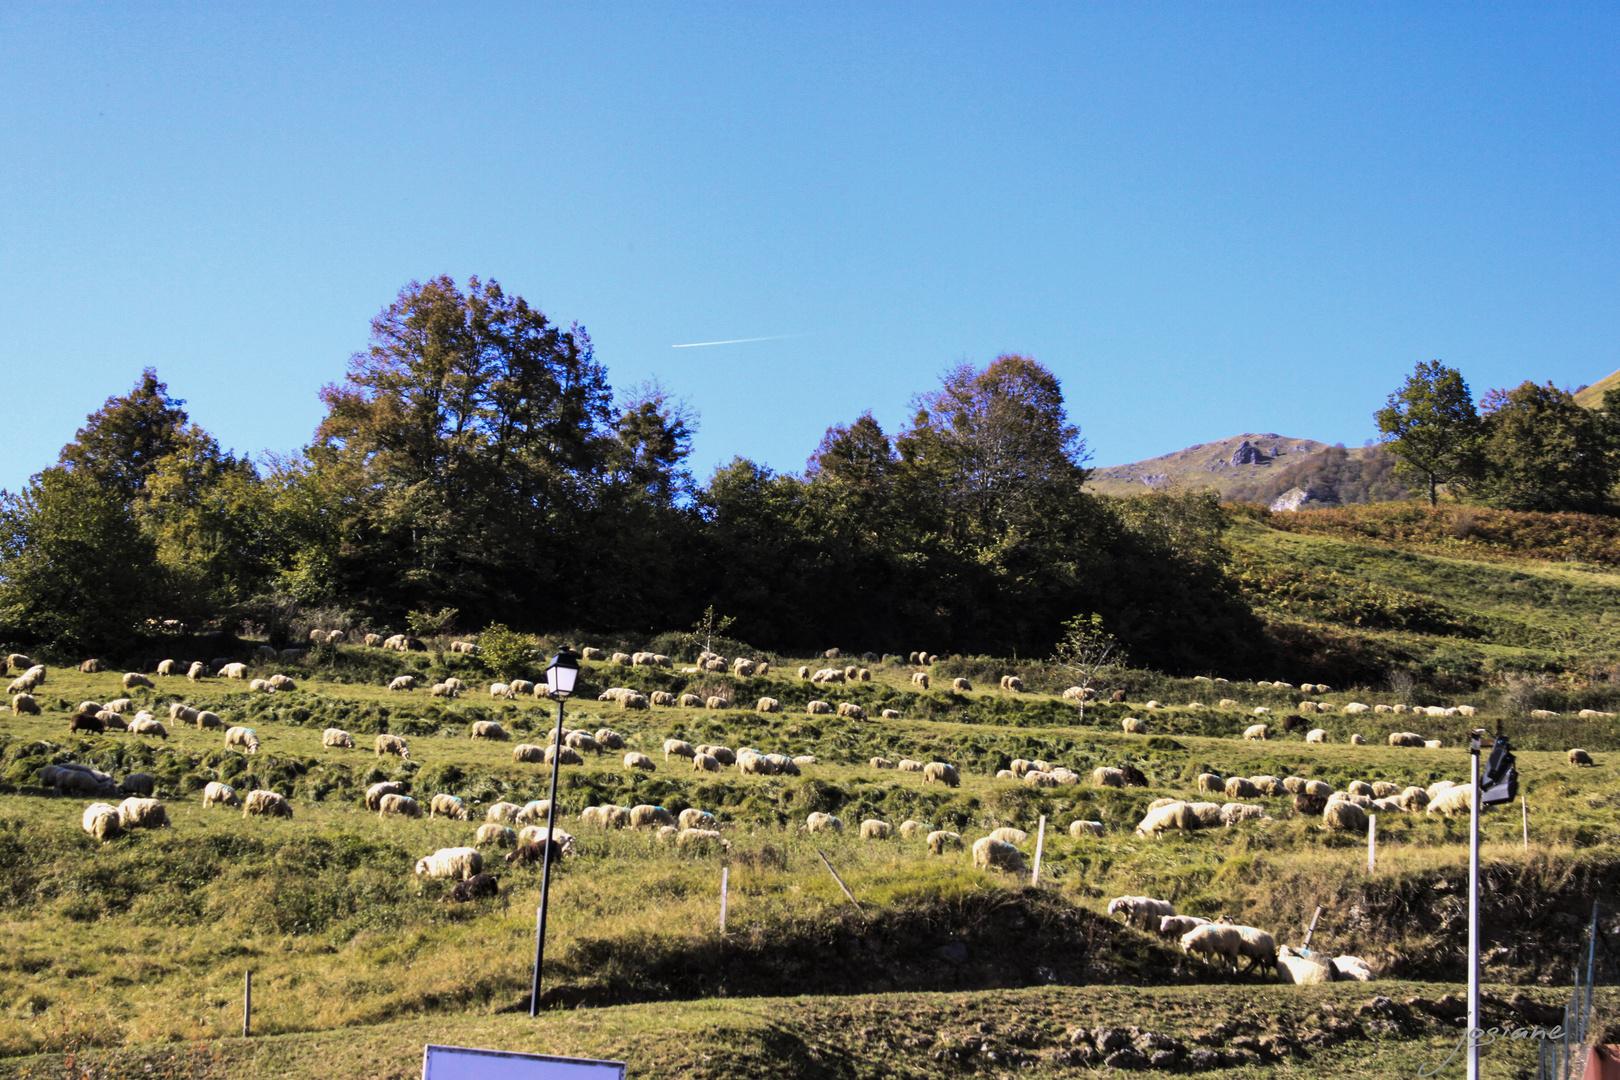 Un troupeau de brebis a été sorties.